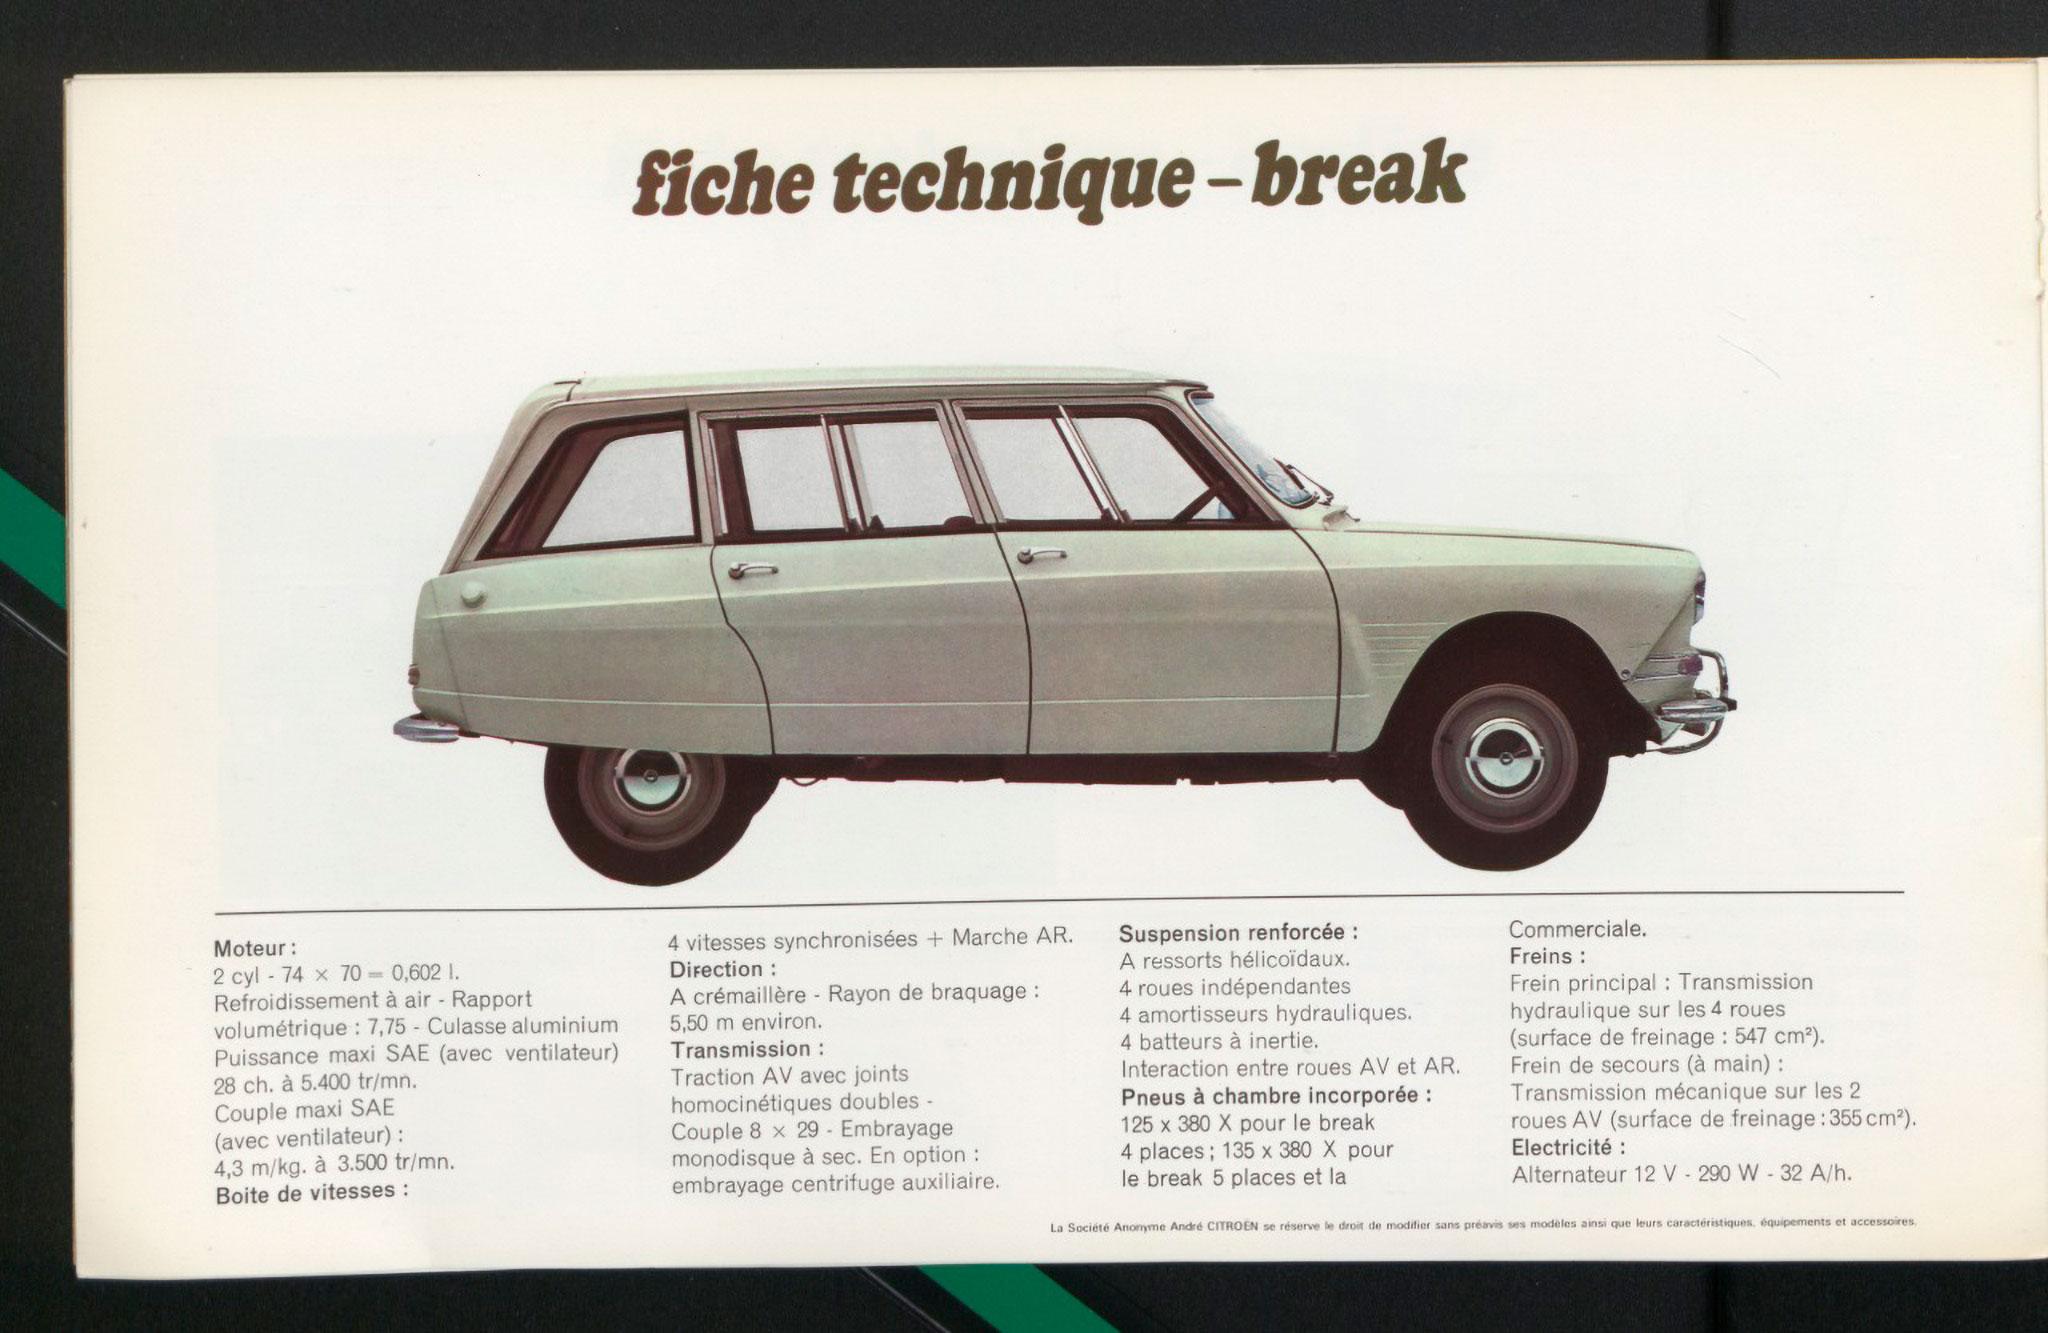 1961 Citroën AMI 6 Break fiche technique.